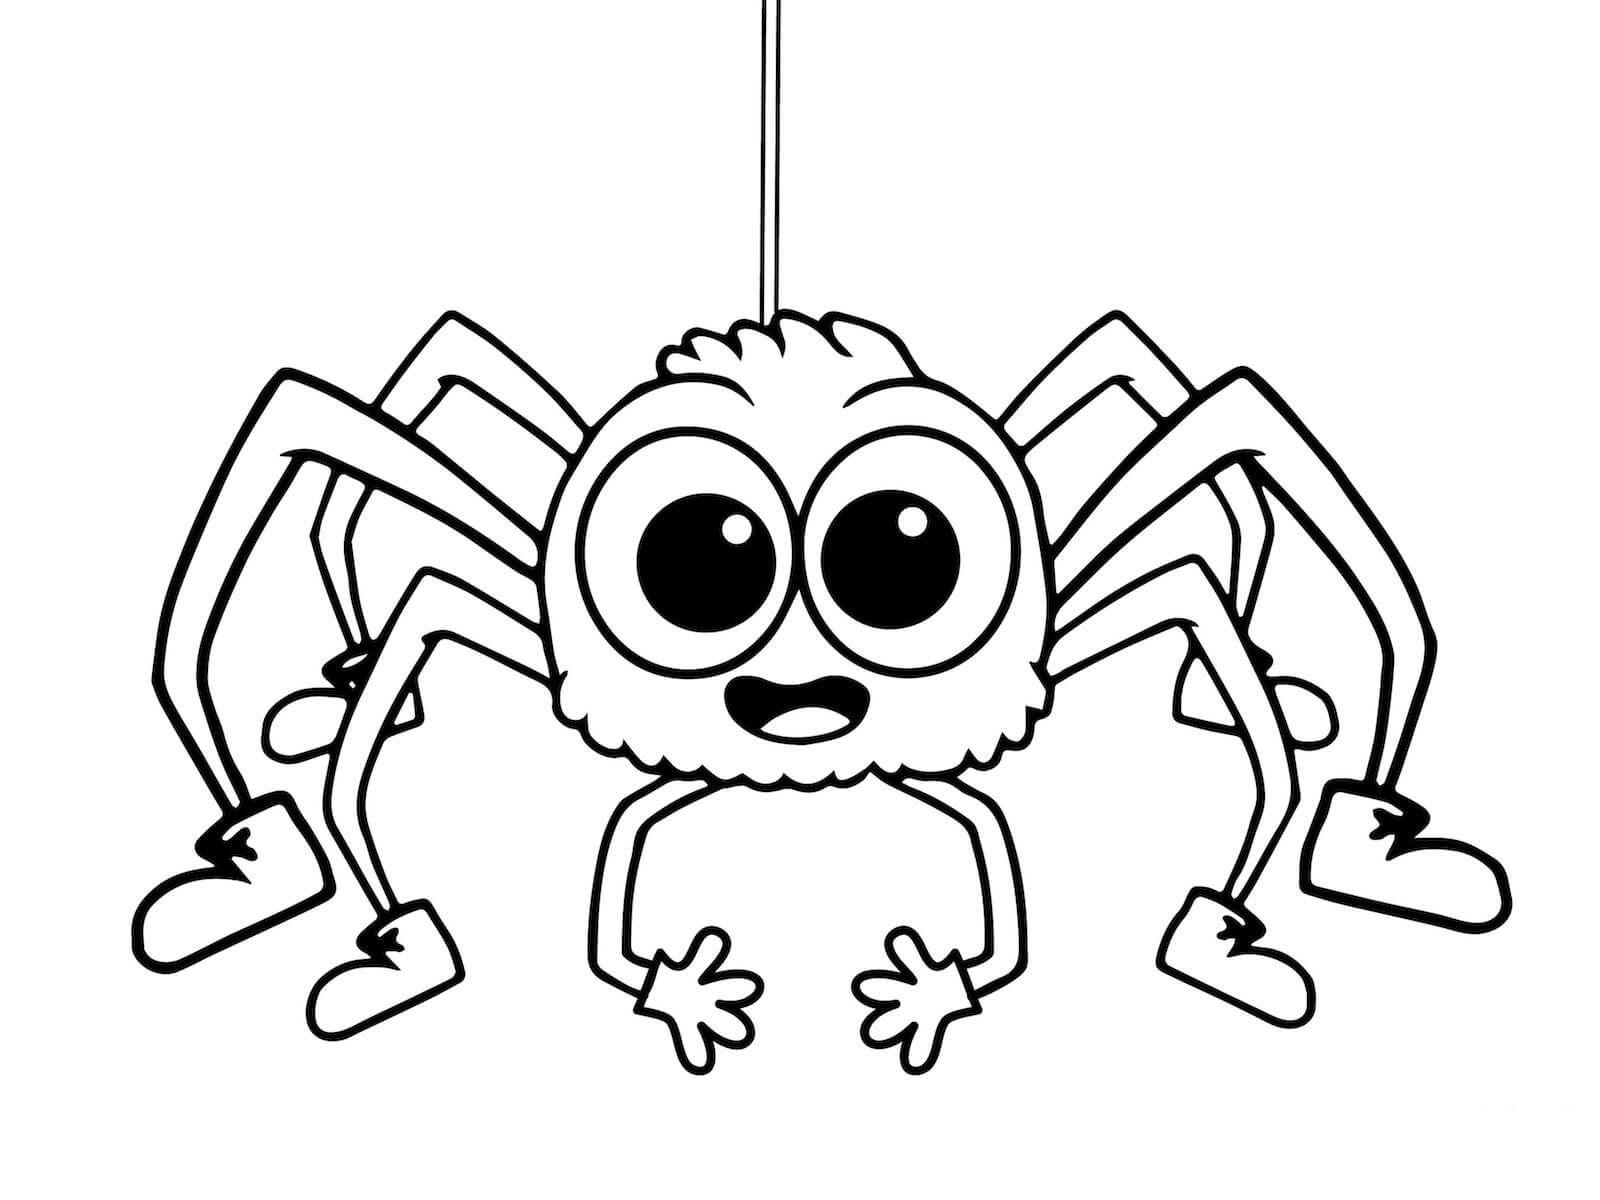 Spinne Ausmalbilder (Mit Bildern) | Ausmalbilder, Ausmalen ganzes Spinnen Ausmalbilder Zum Ausdrucken